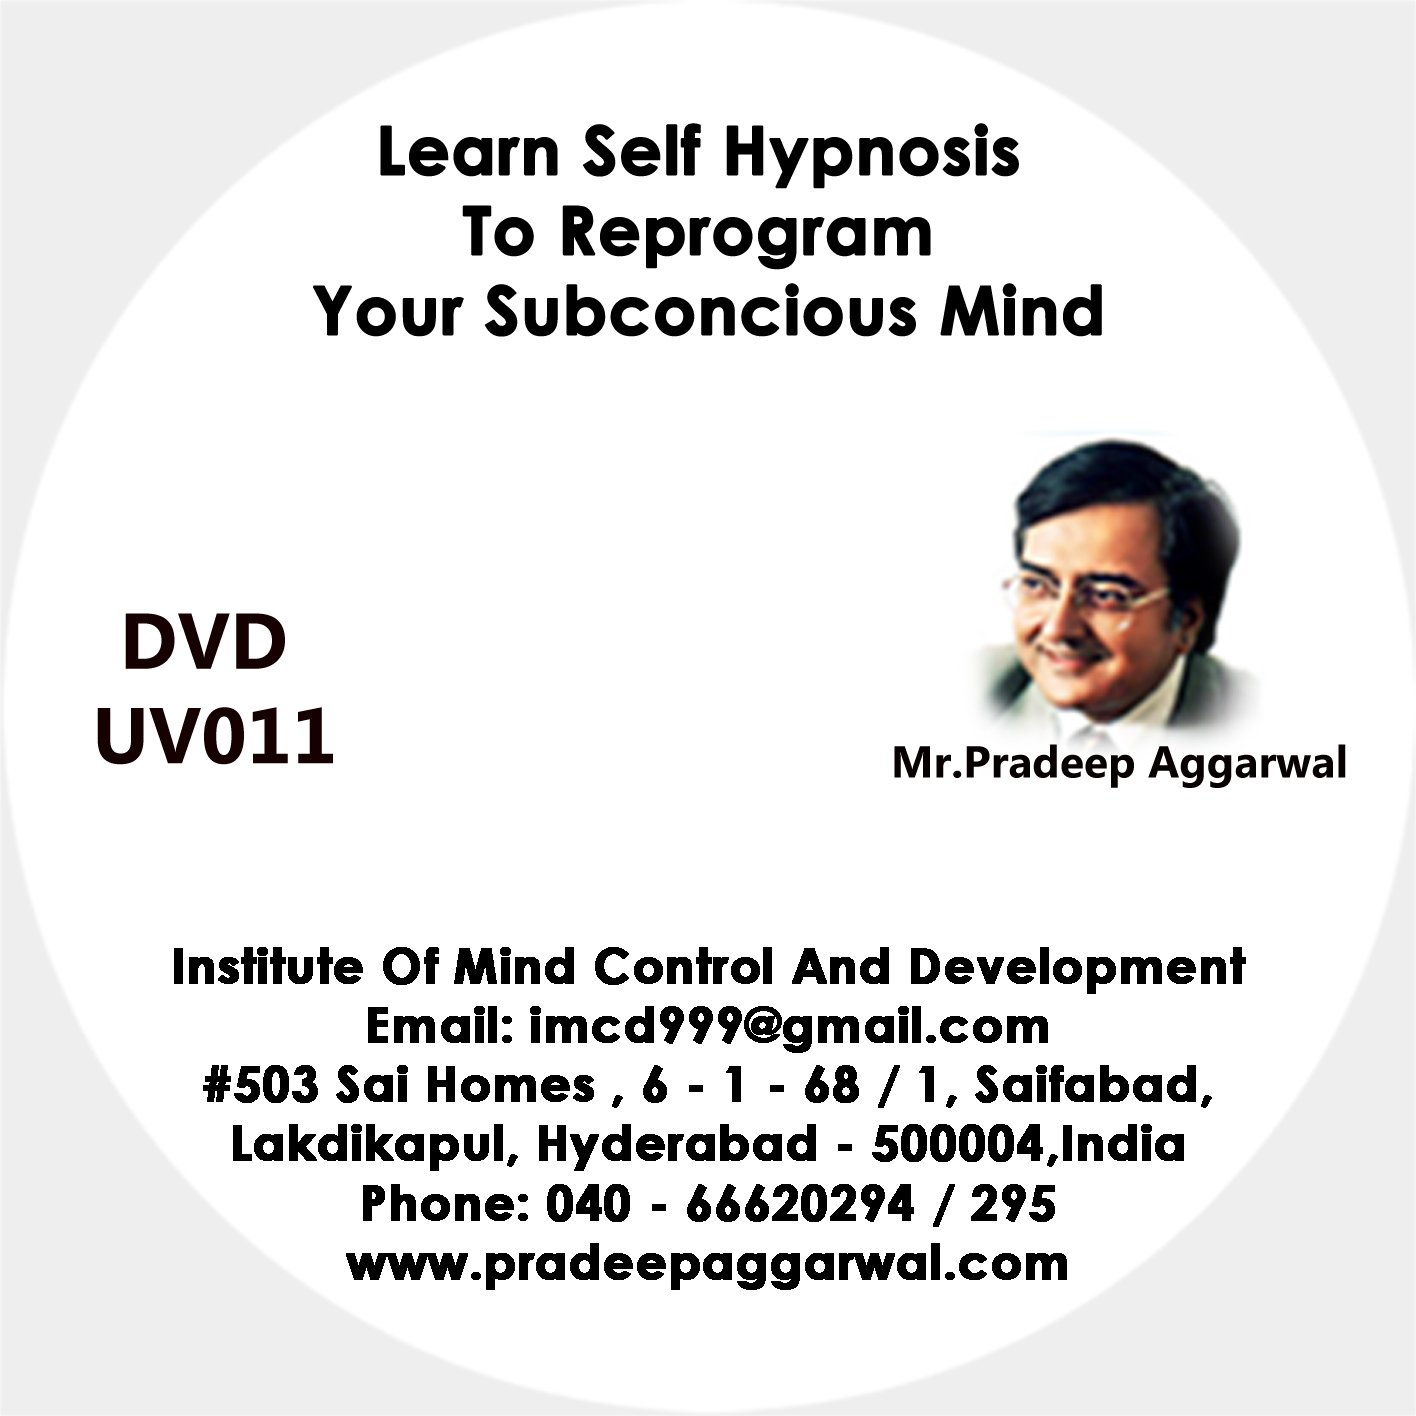 LEARN SELF HYPNOSIS EPUB